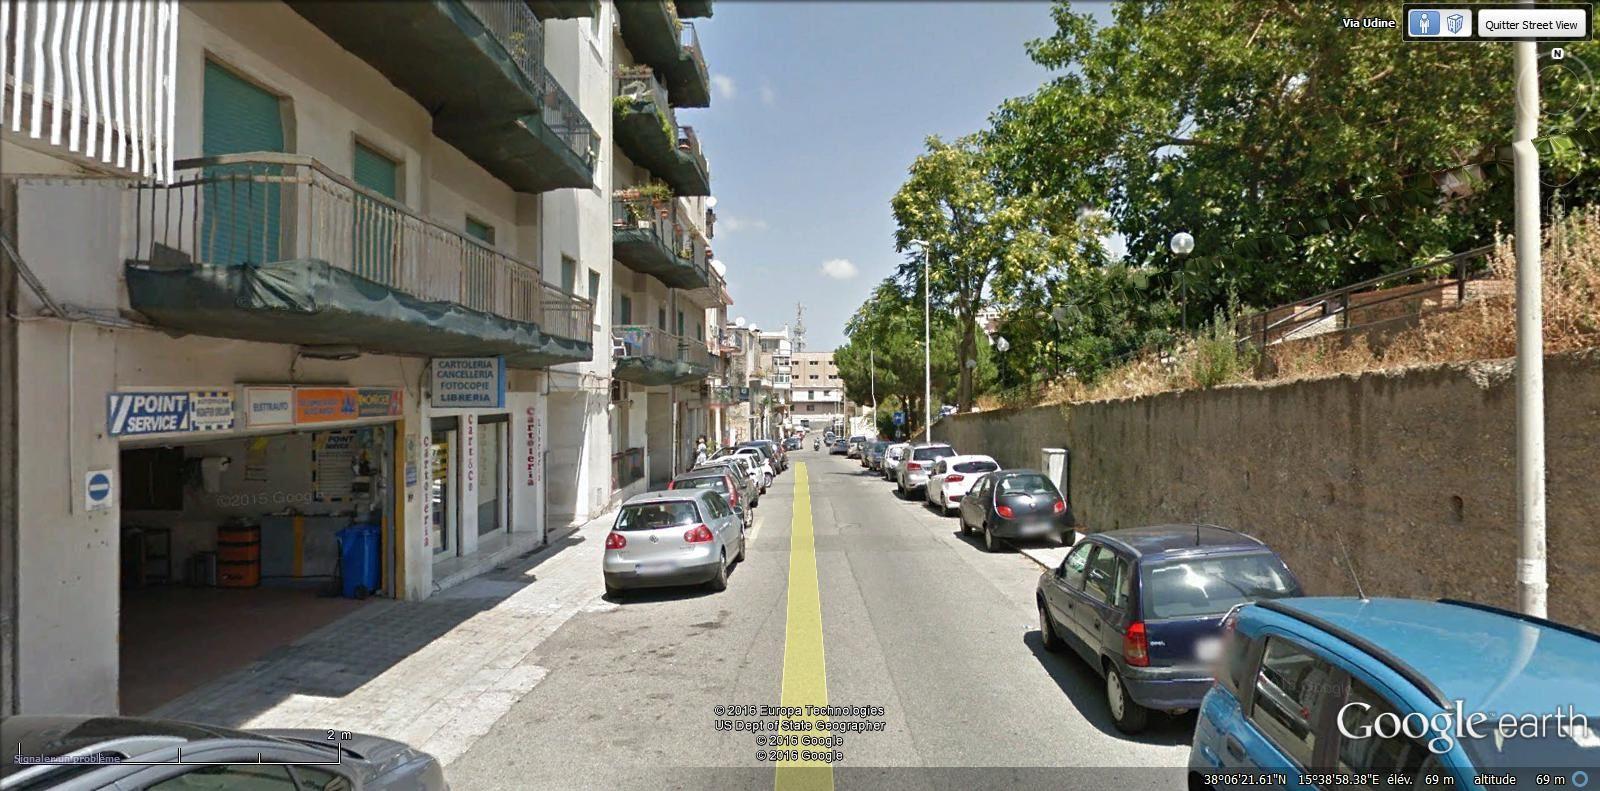 via Udine